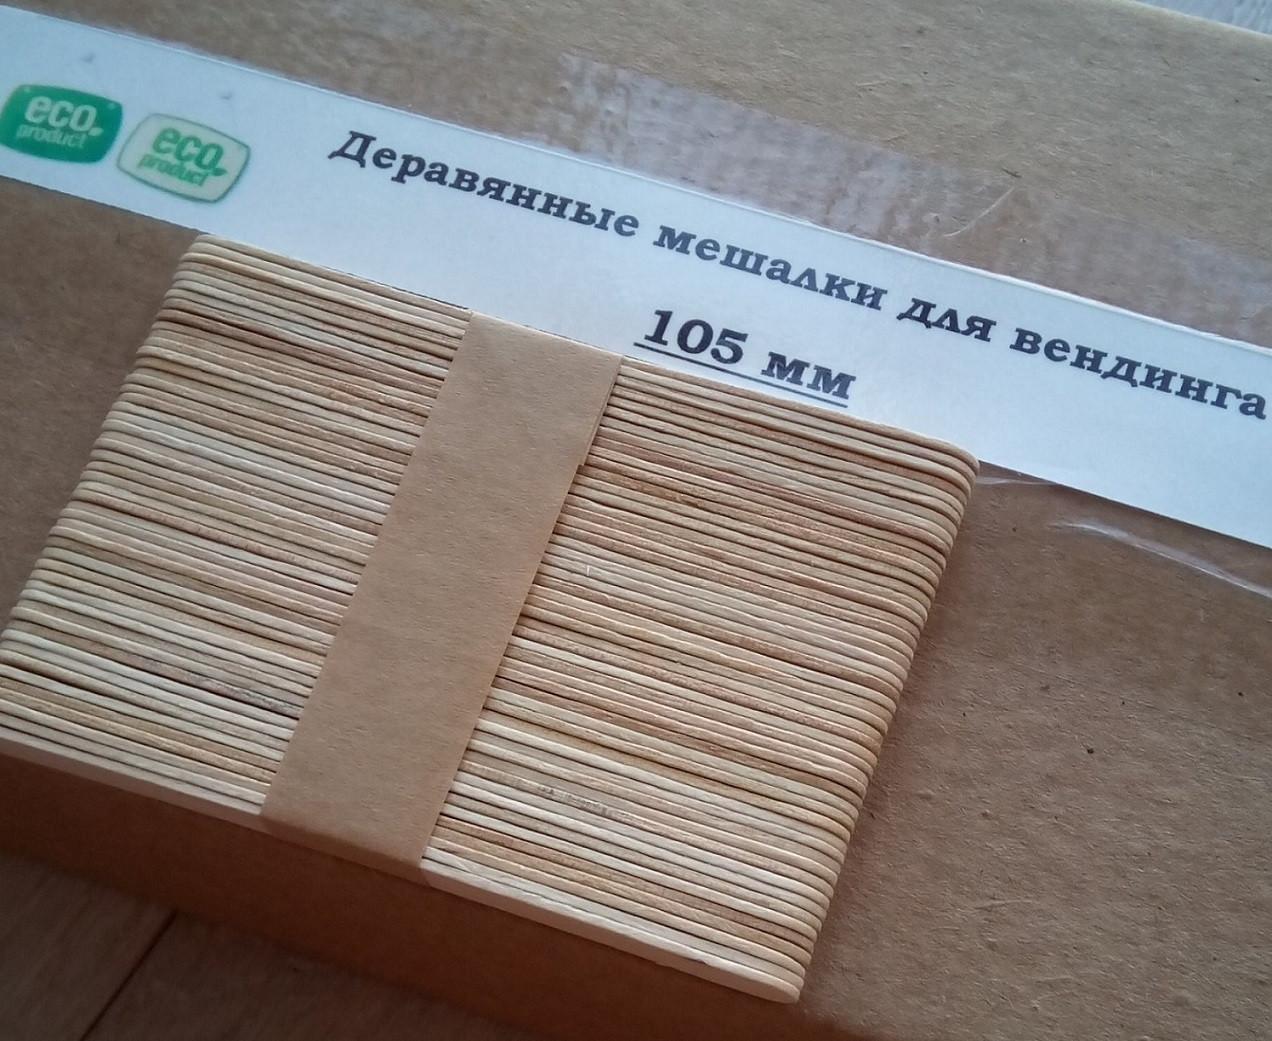 Размешиватель деревянный для вендинга 105 мм, 1 коробка